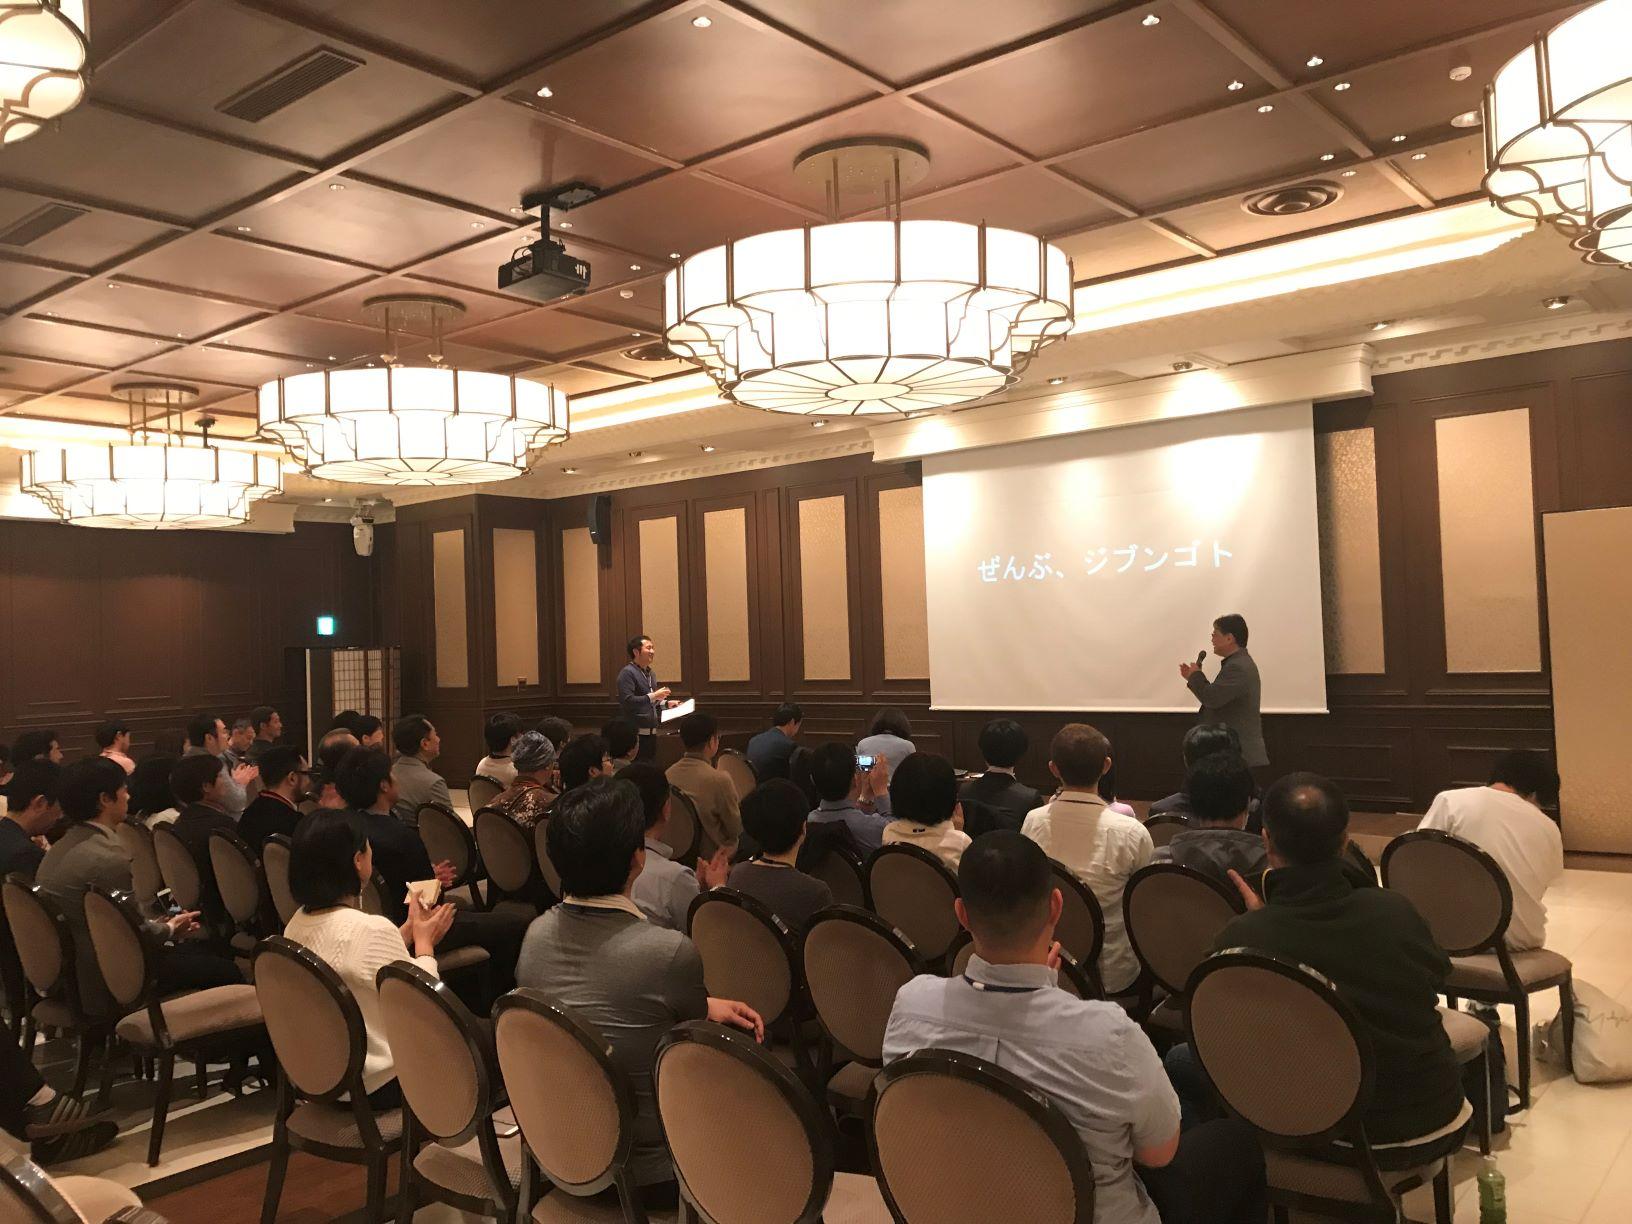 【2019年4月度定例会】日本GRサミット!→まちの大学開校!→国際交流のまちを作りたい